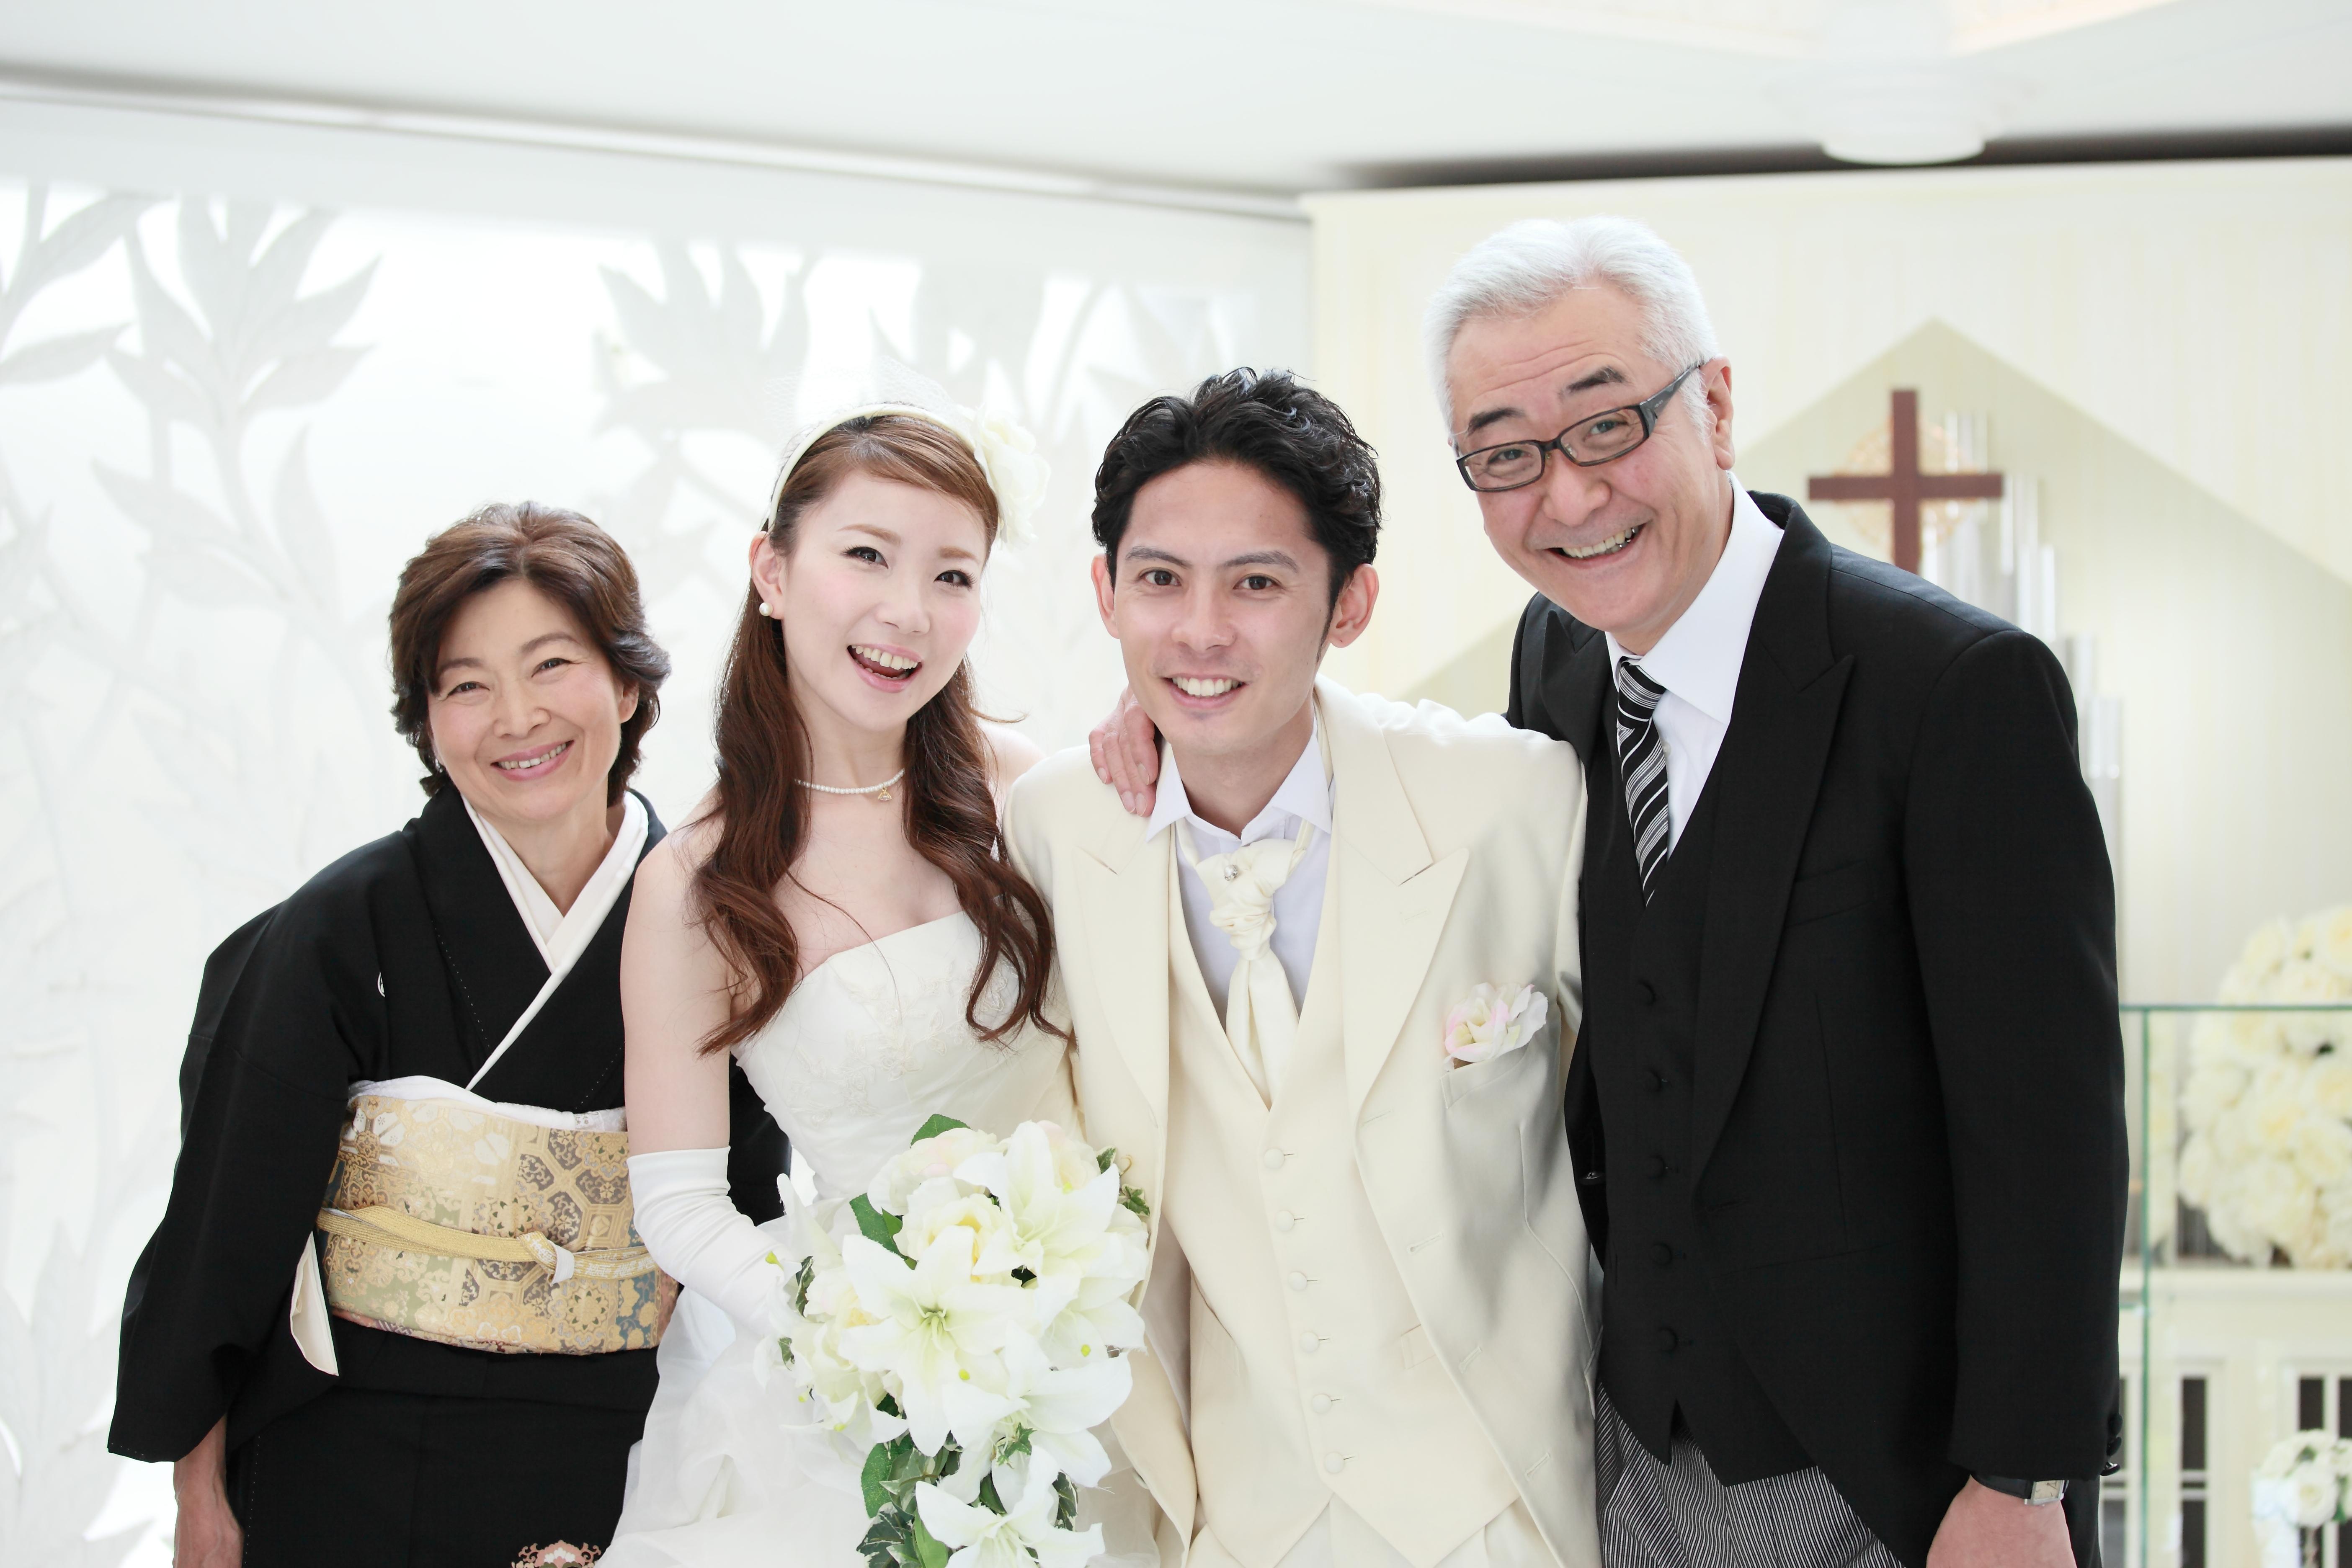 新郎新婦と両親